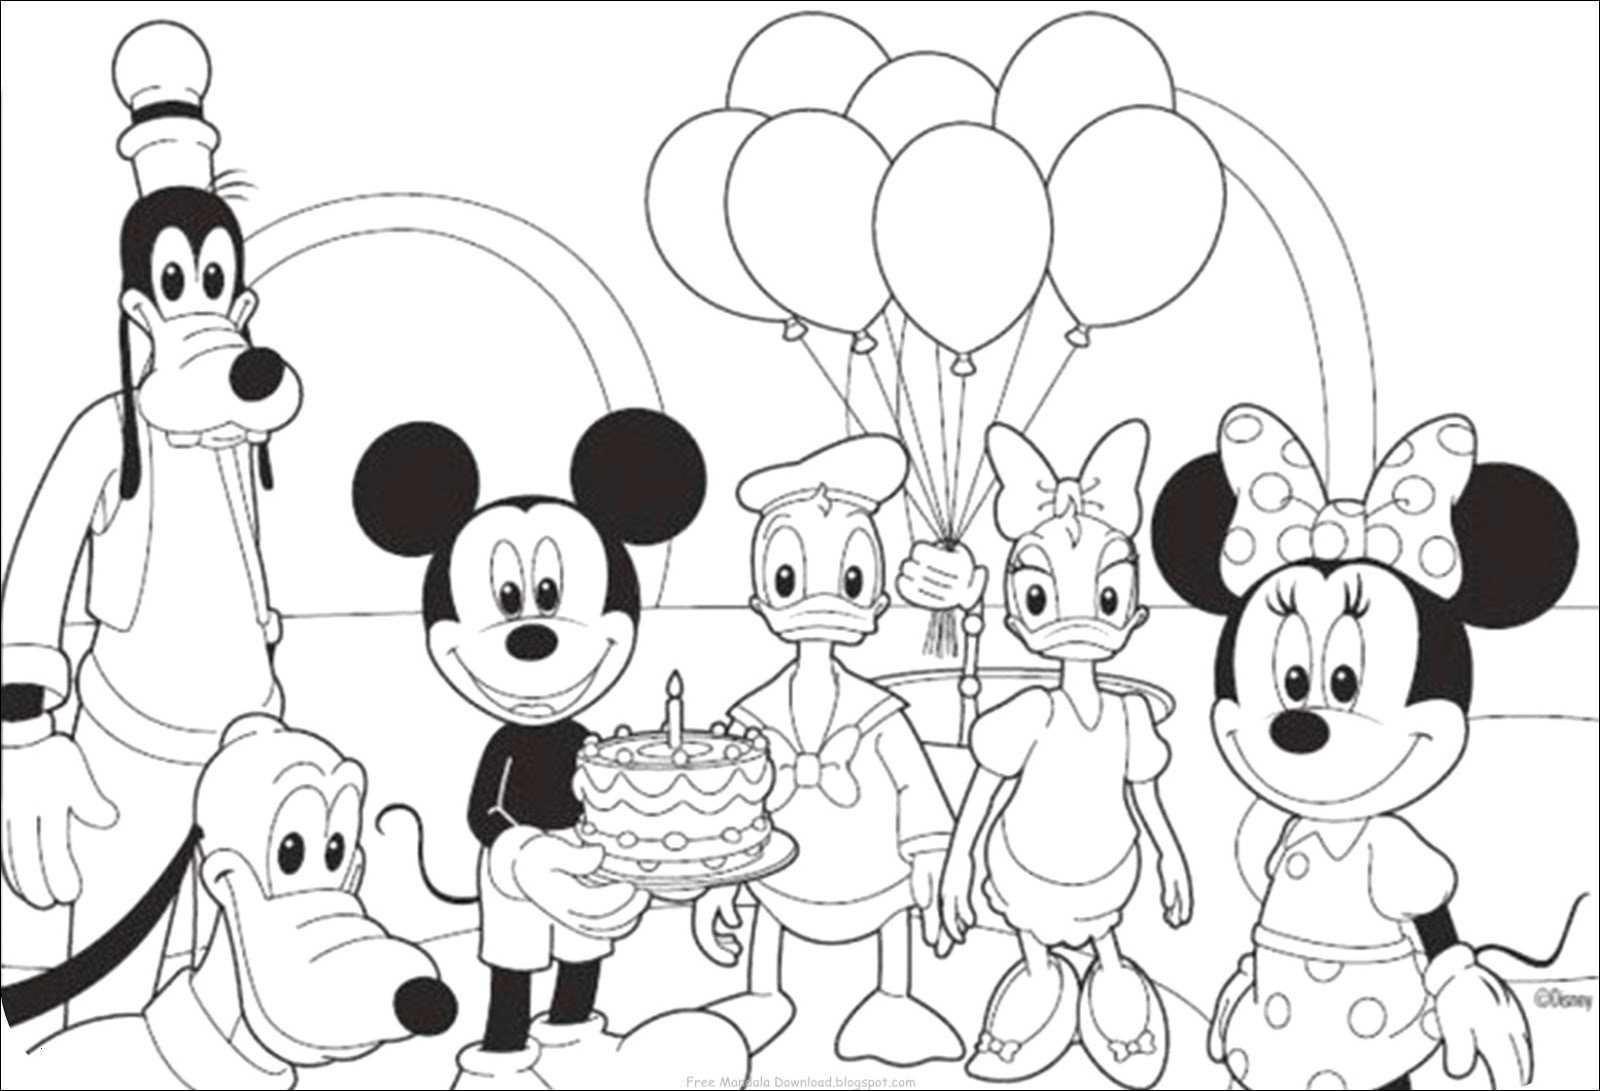 Micky Maus Bilder Zum Ausmalen Frisch Minnie Und Mickey Mouse Ausmalbilder Foto Micky Maus Ausmalbilder Das Bild